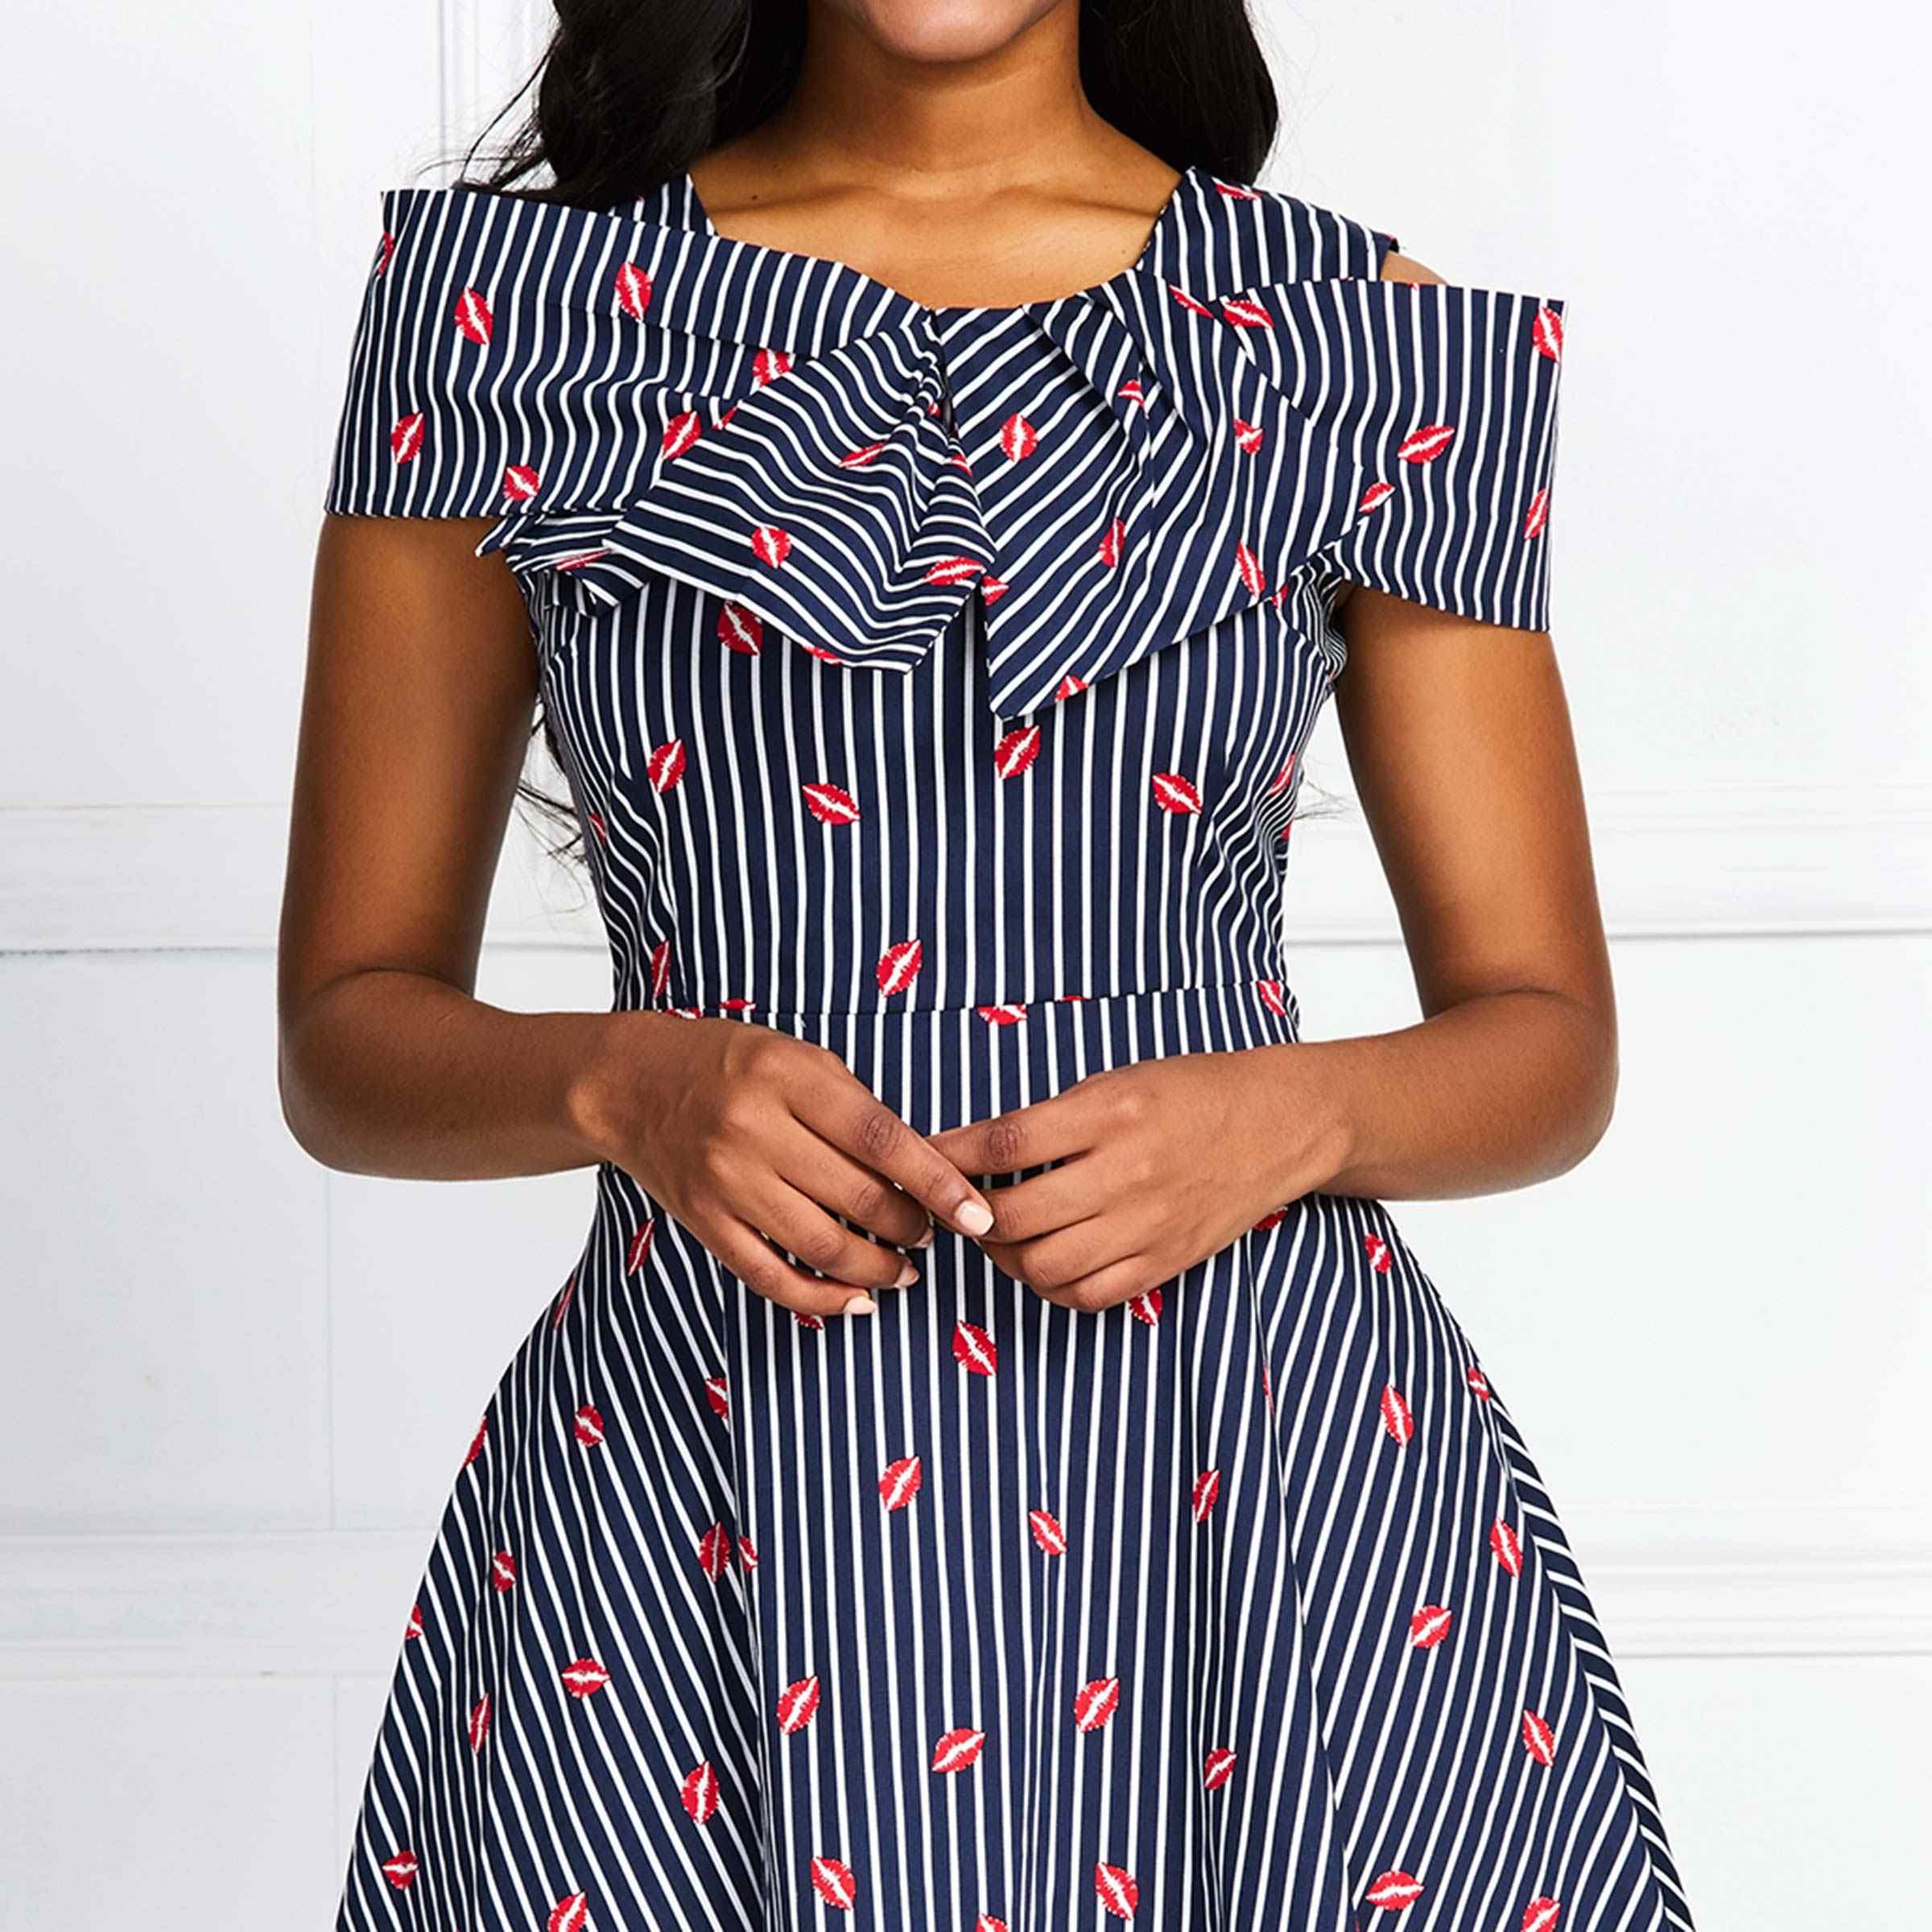 夏 2020 ヴィンテージ女性ストライプドレスファッション女性チュニック半袖アフリカ A ラインプラスサイズ 3XL 4XL ピンアップドレスレトロ